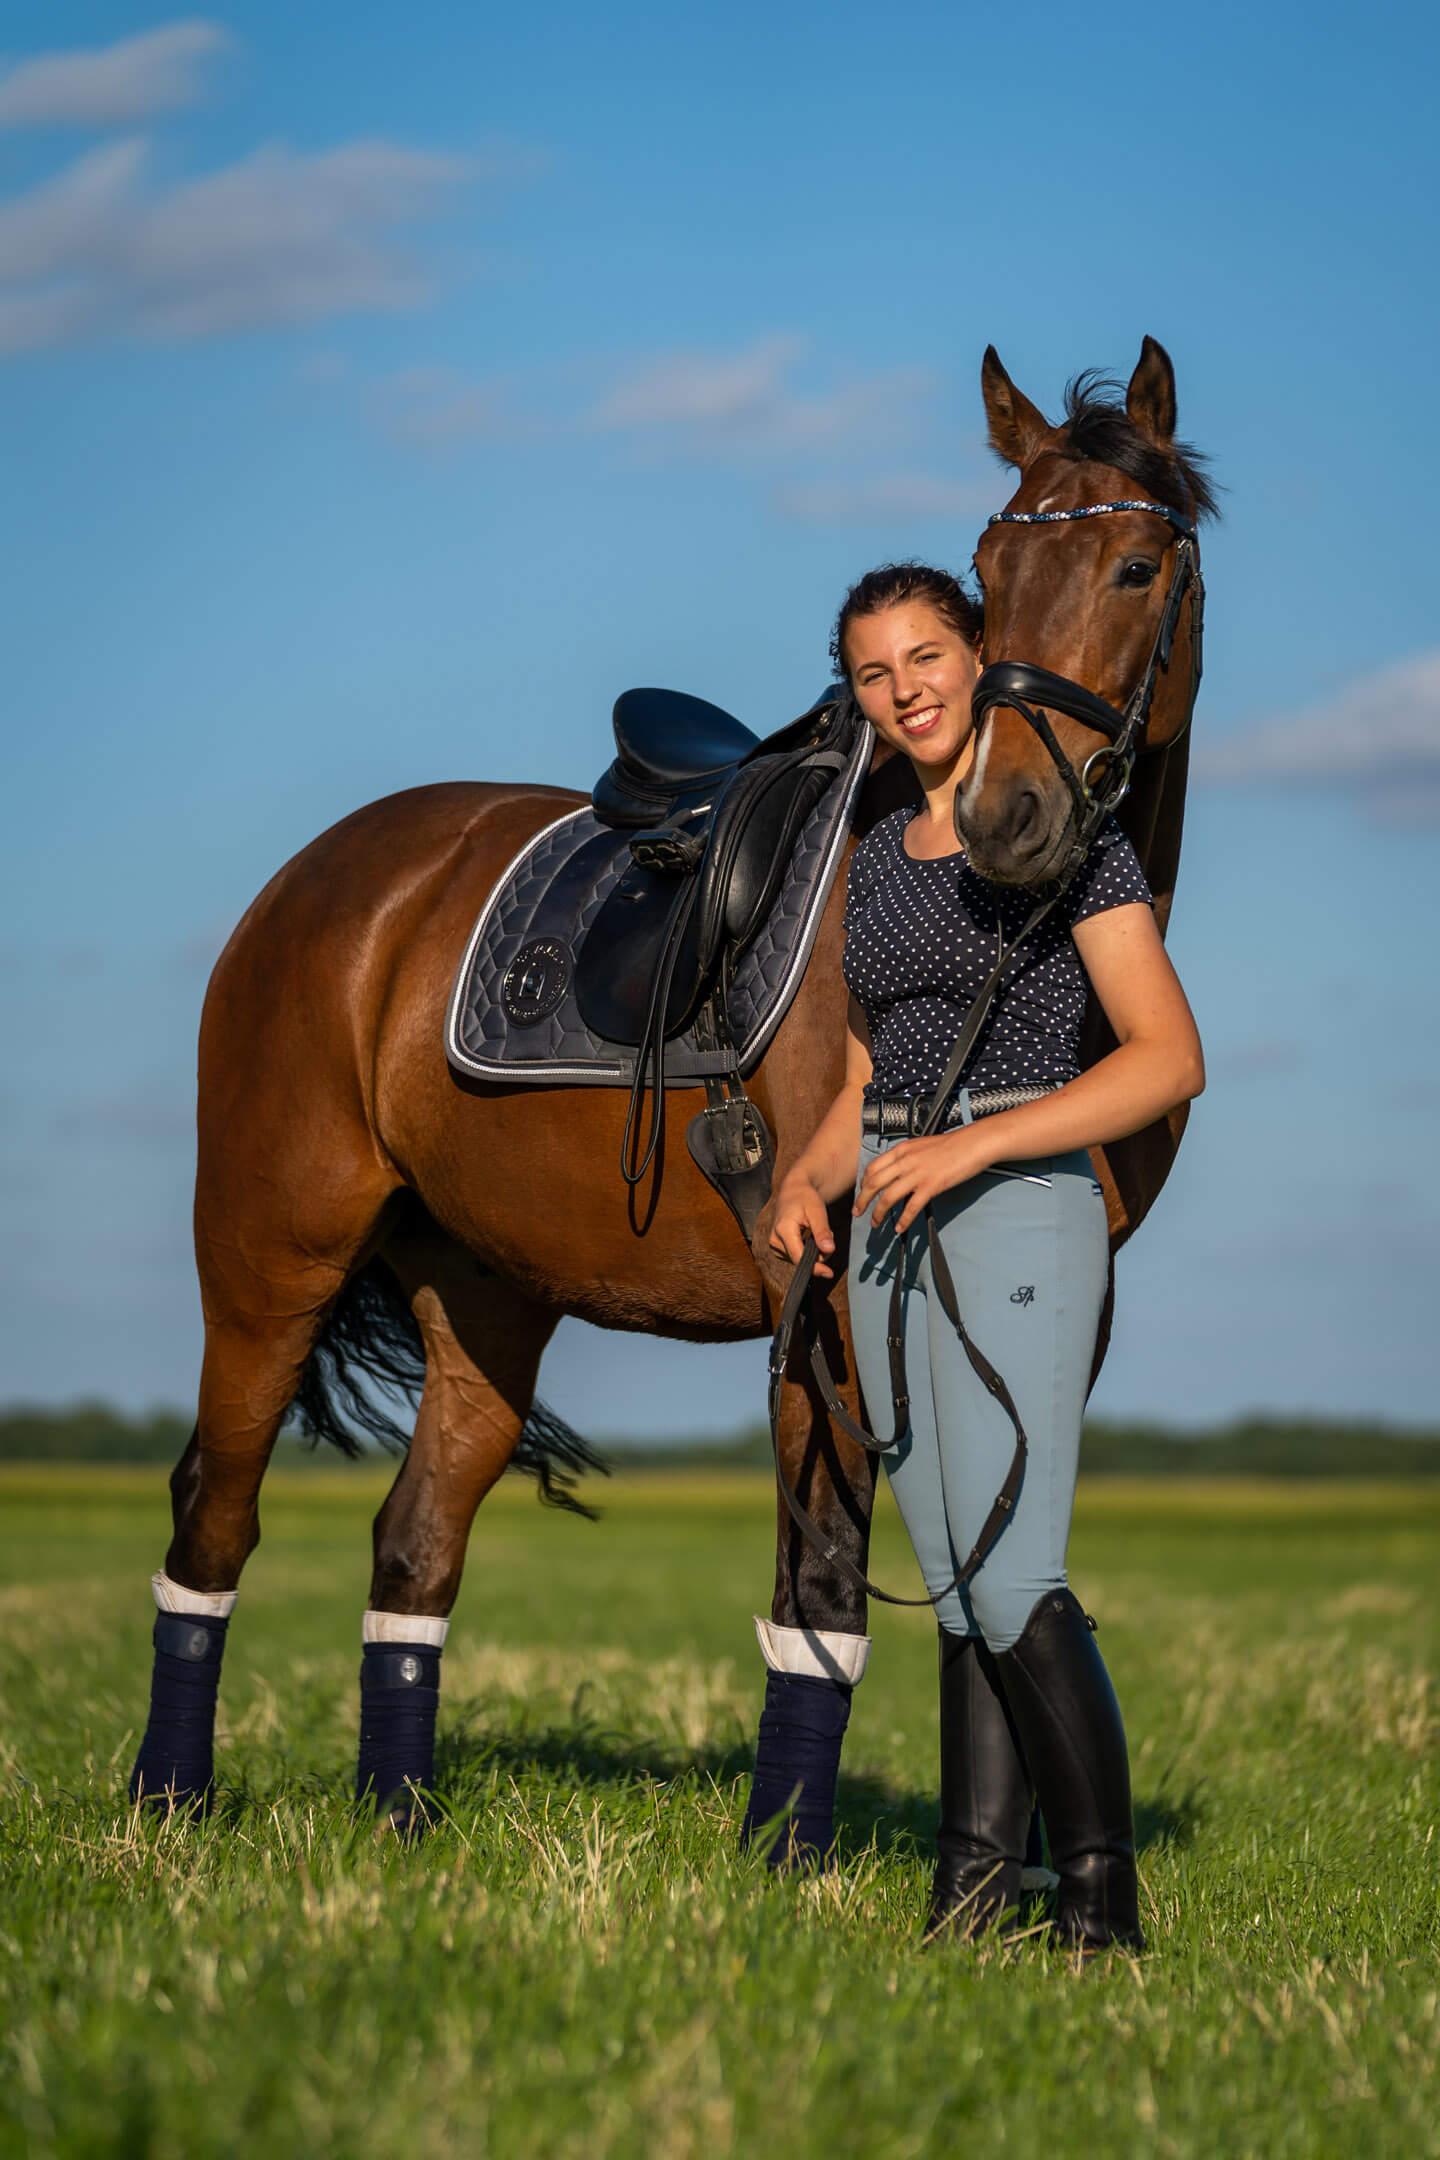 Reiterin mit ihrem Pferd in der warmen Abendsonne